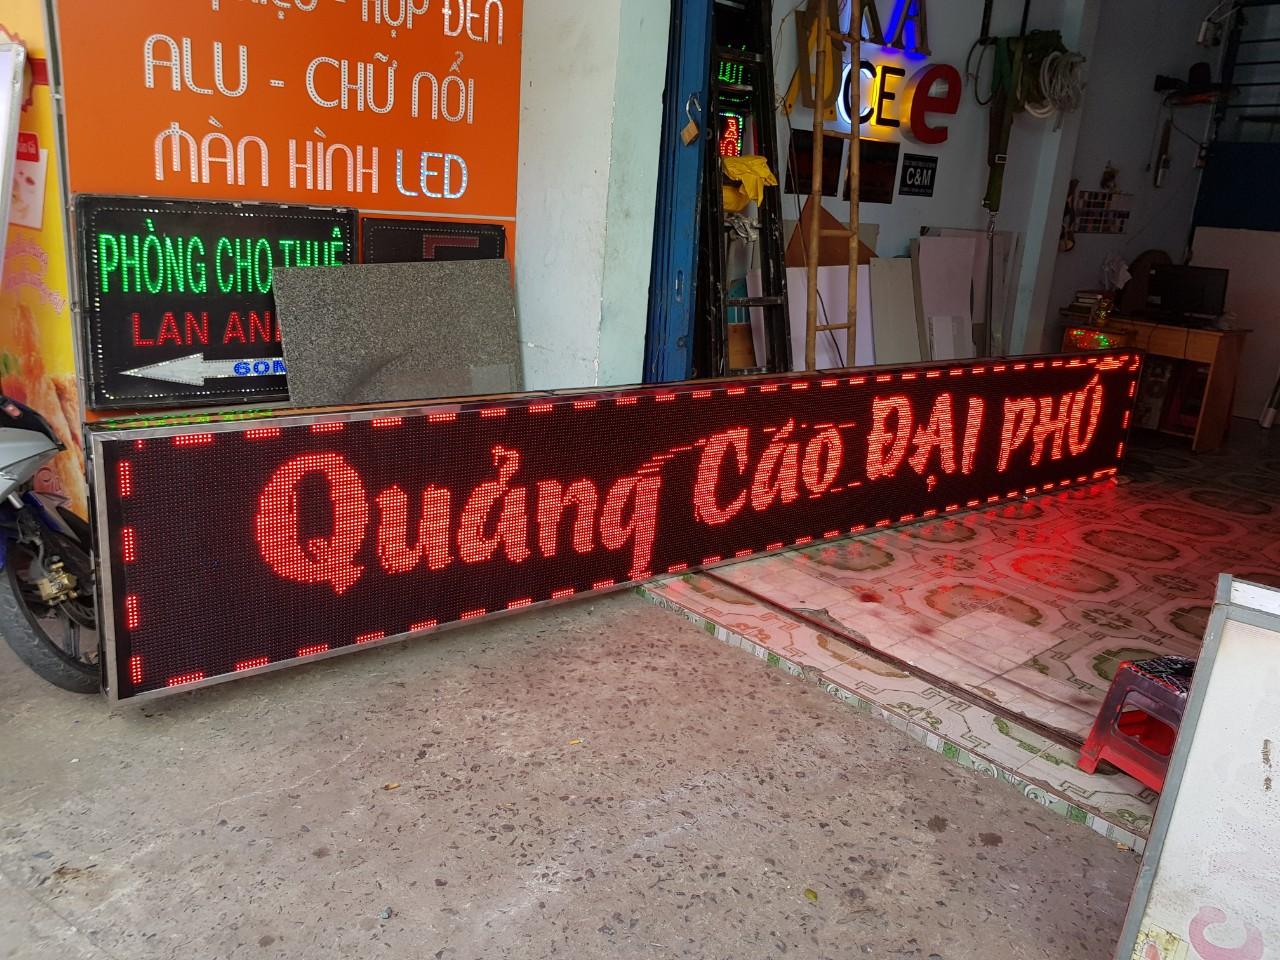 Quảng cáo tại Đà Nẵng